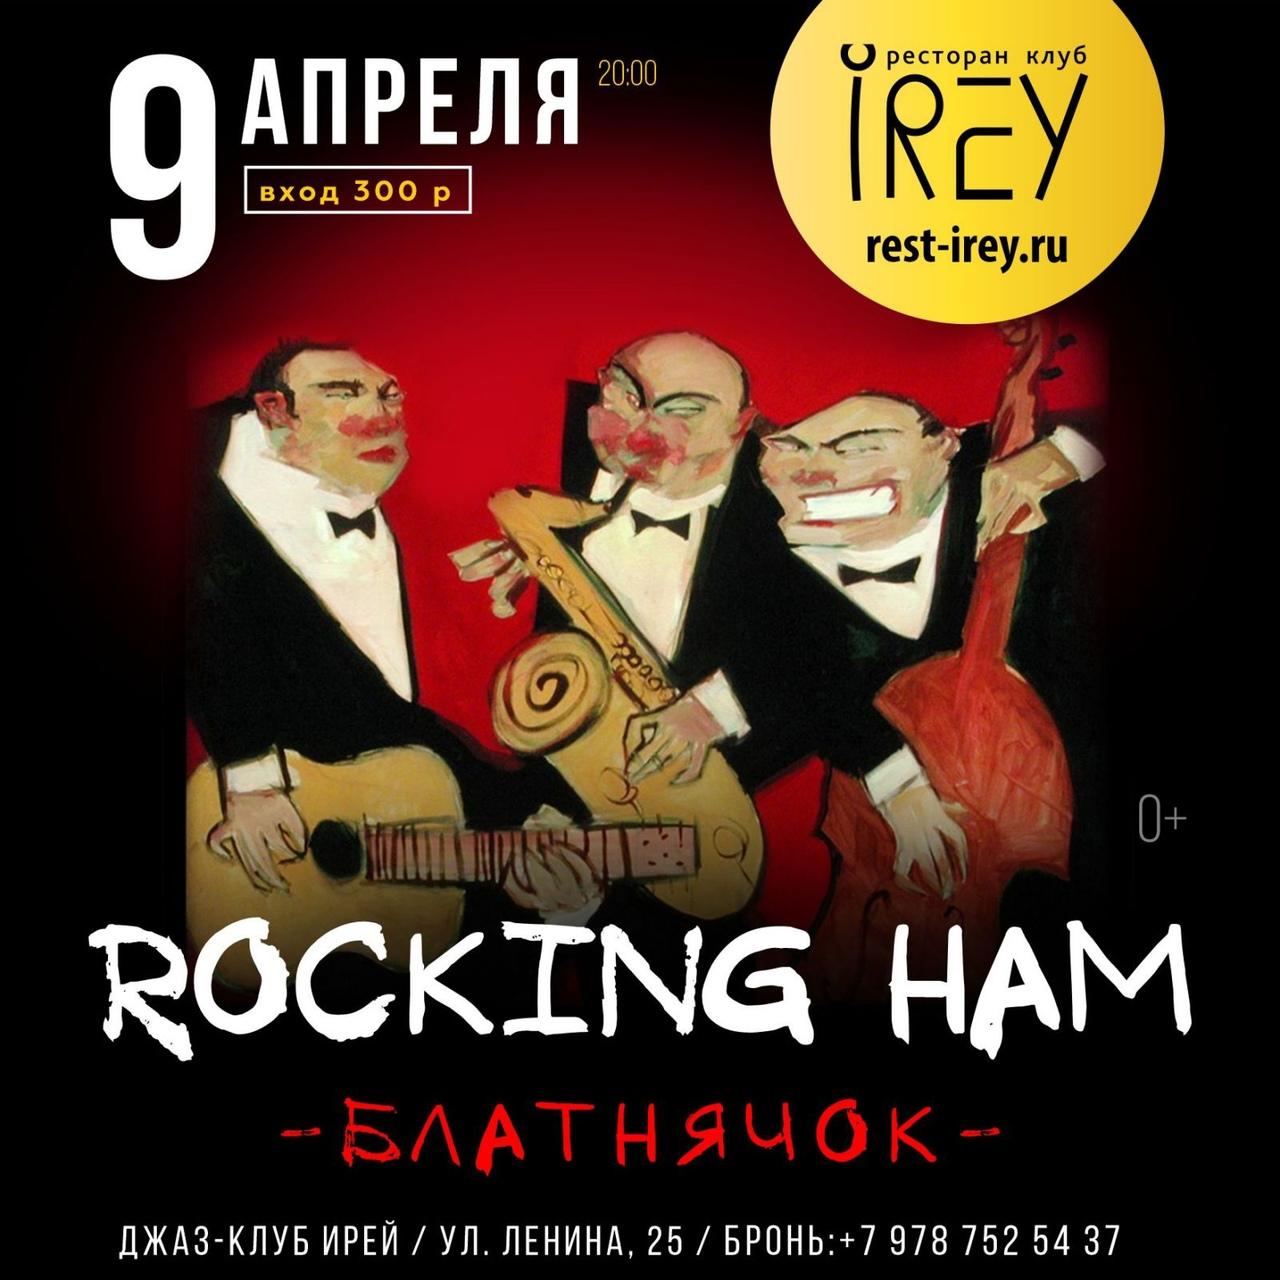 09.04 Rocking Ham в ресторане Ирей!